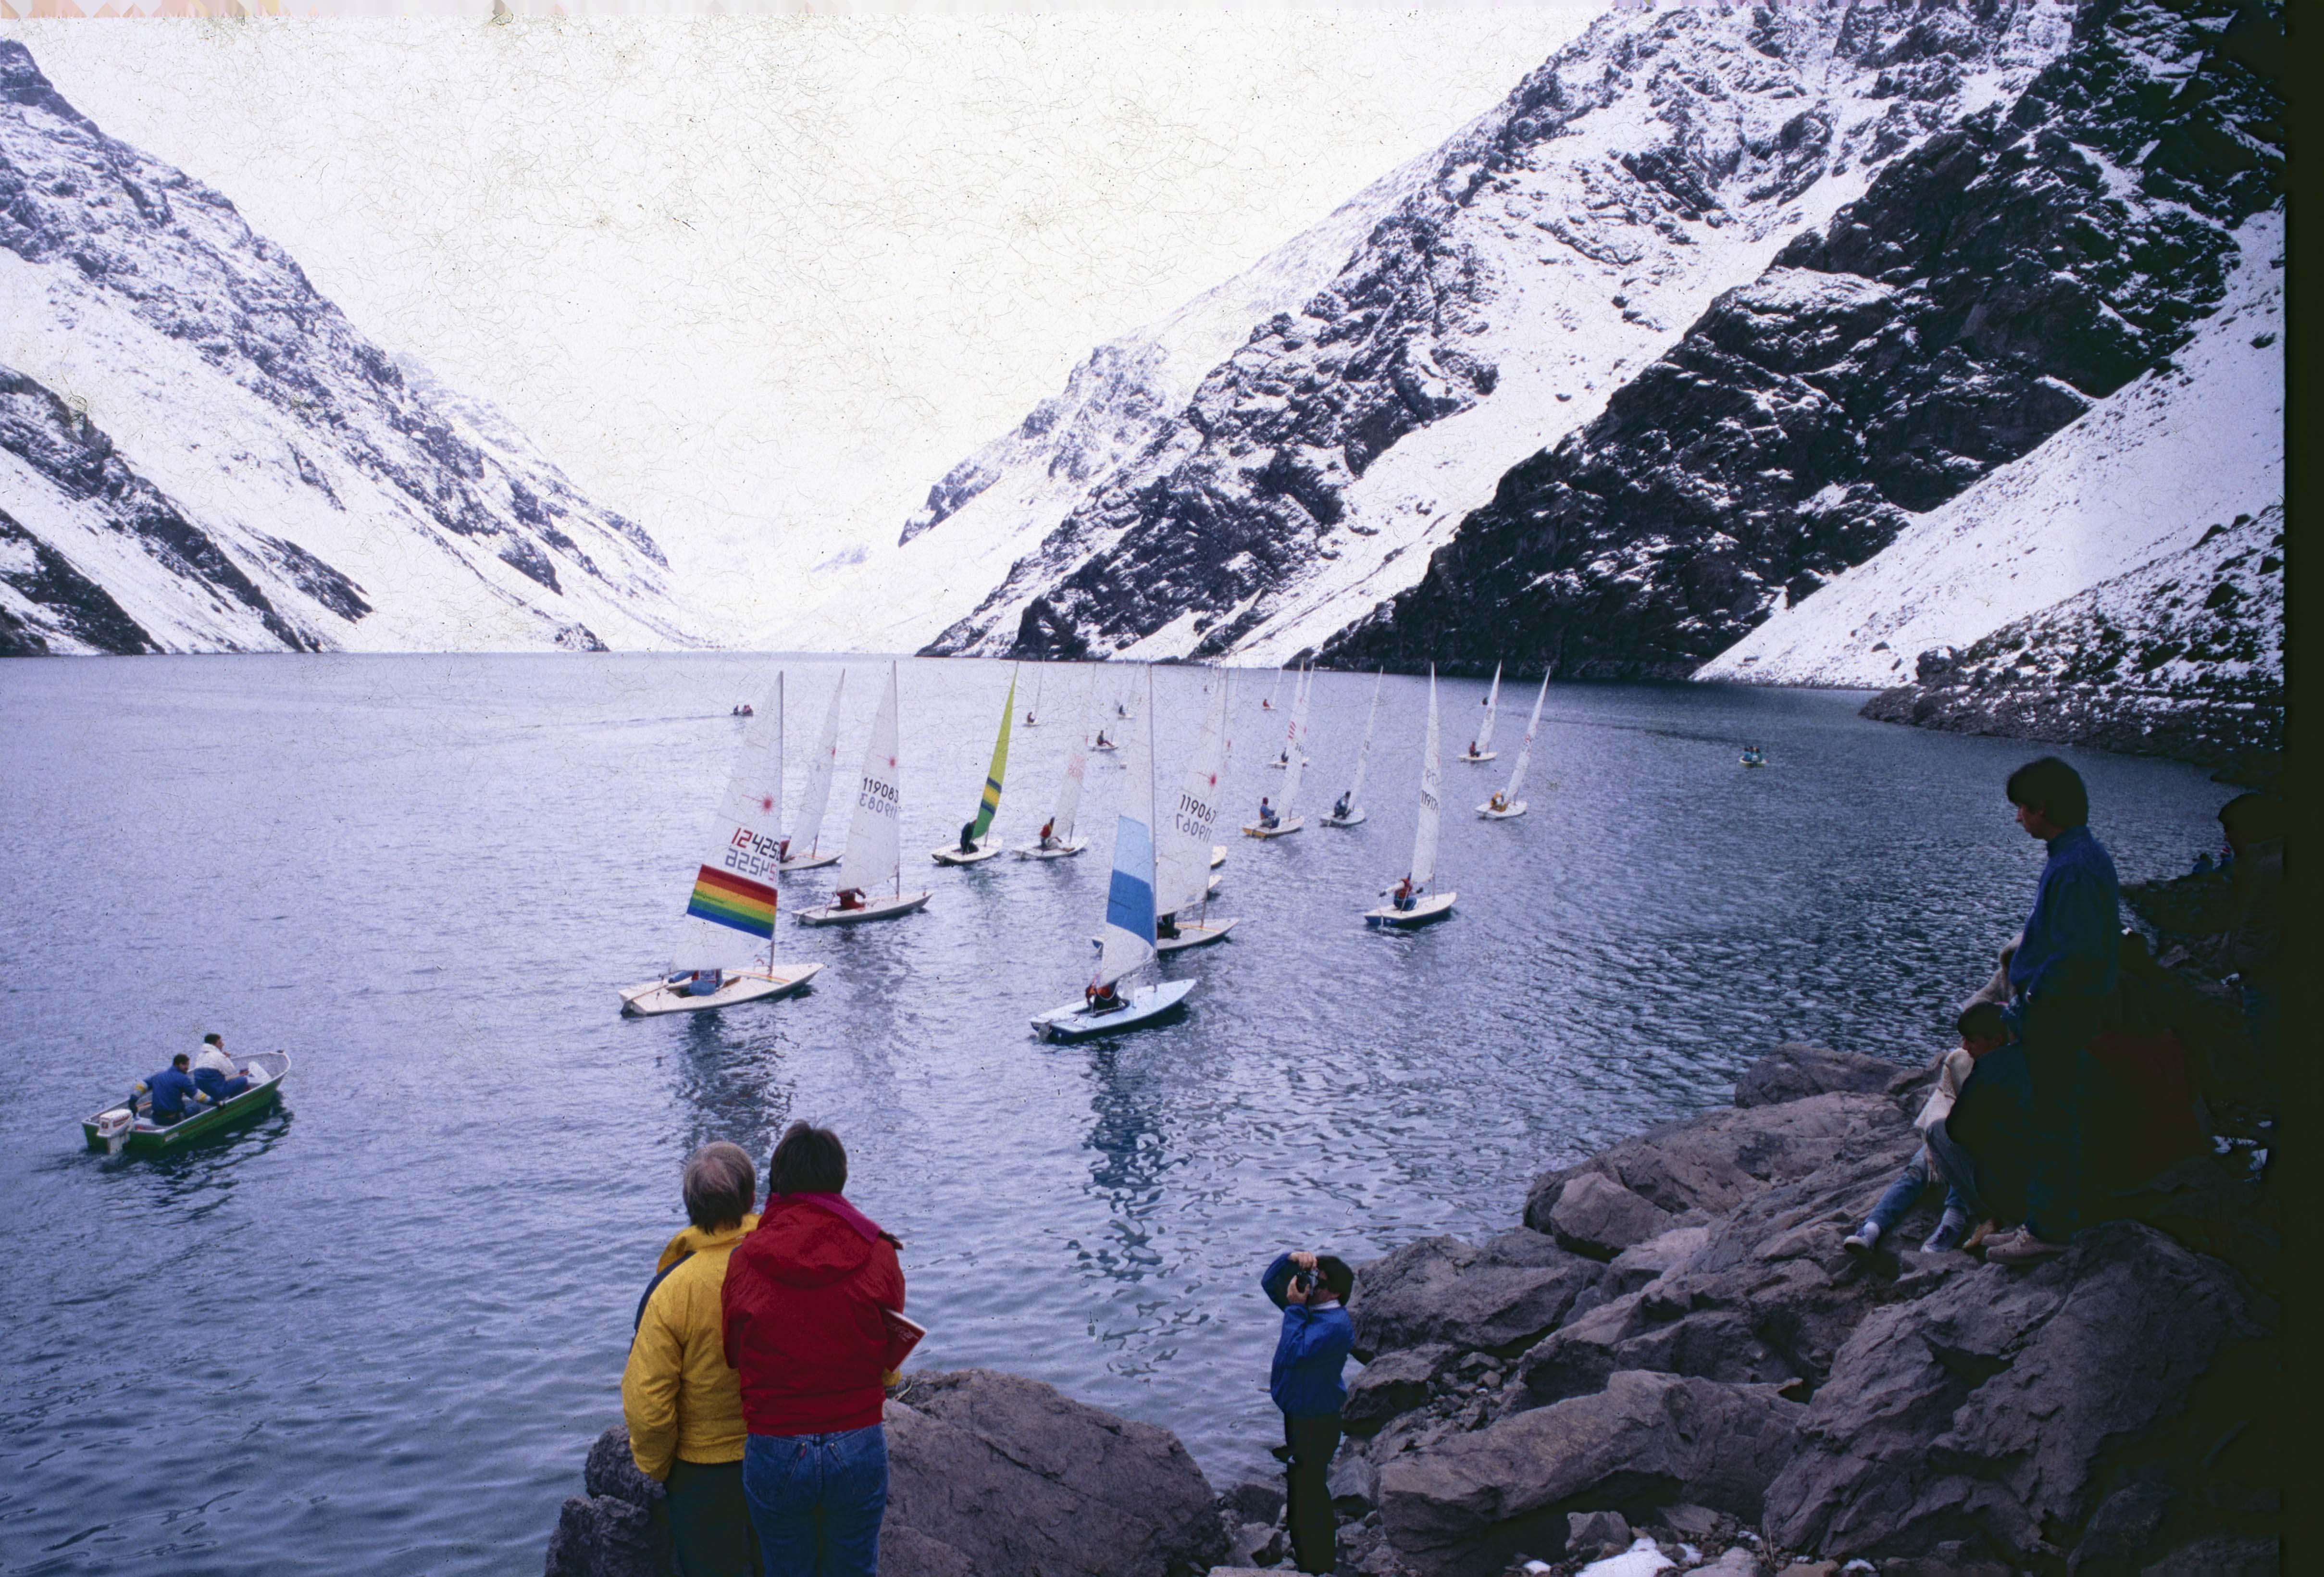 Enterreno - Fotos históricas de chile - fotos antiguas de Chile - Regata Laguna del Inca en 1991